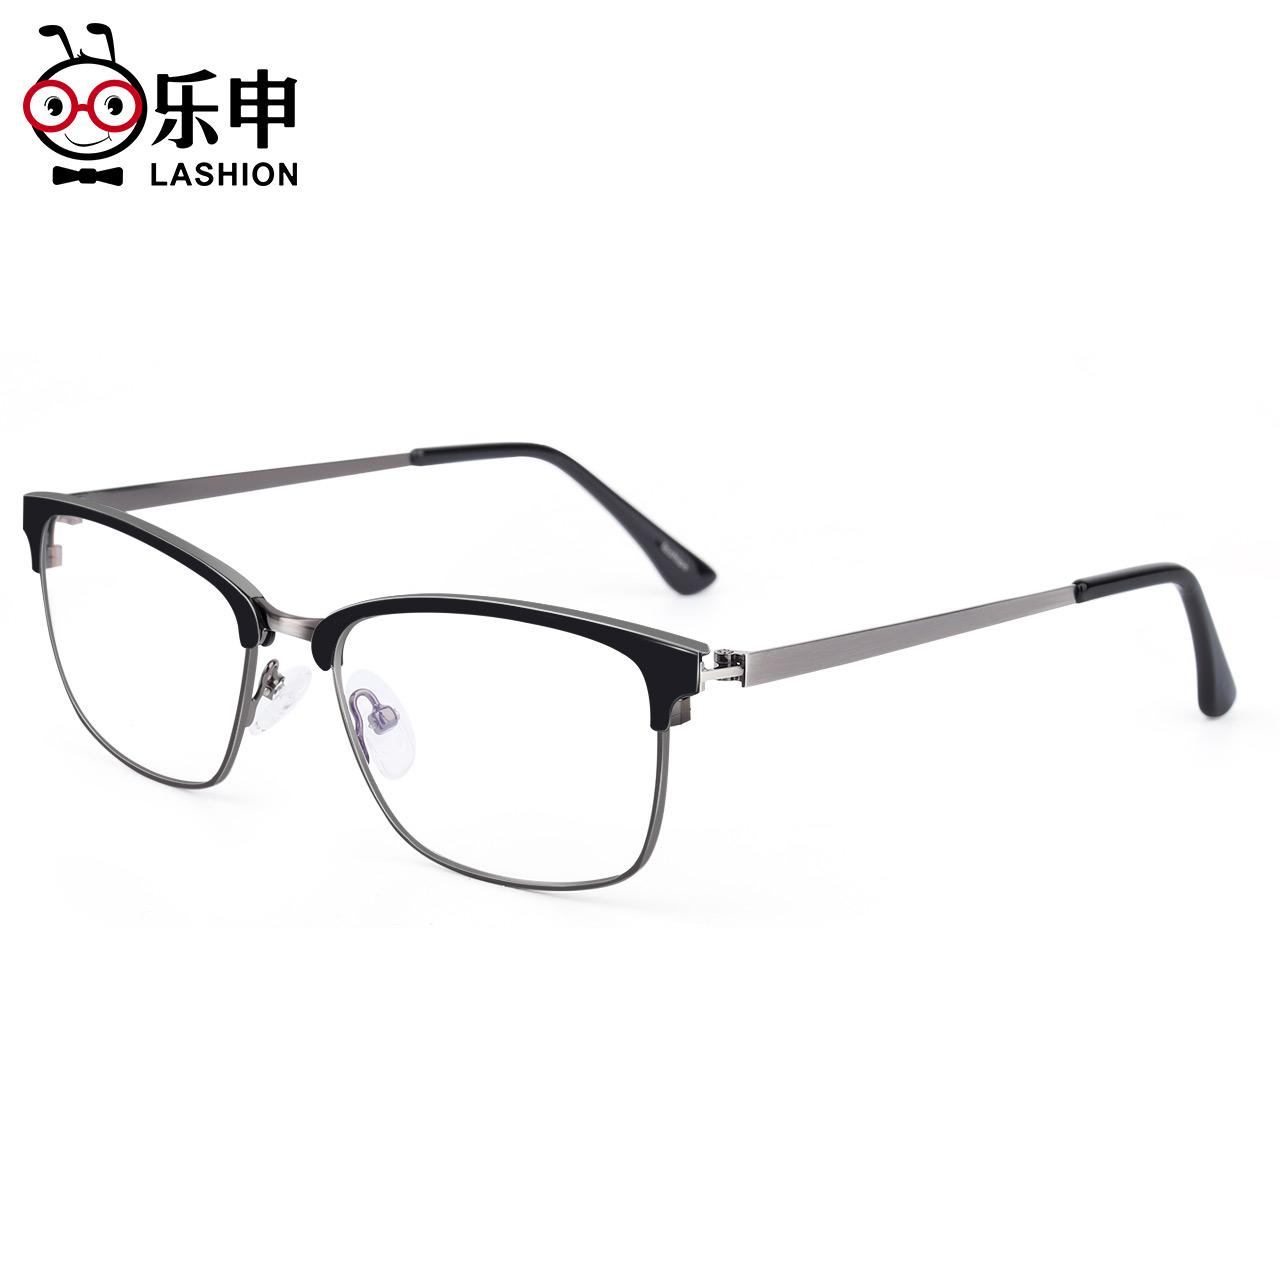 近视眼镜男潮可配度数小眼睛肖战同款防蓝光辐射眼镜店大眼镜框女